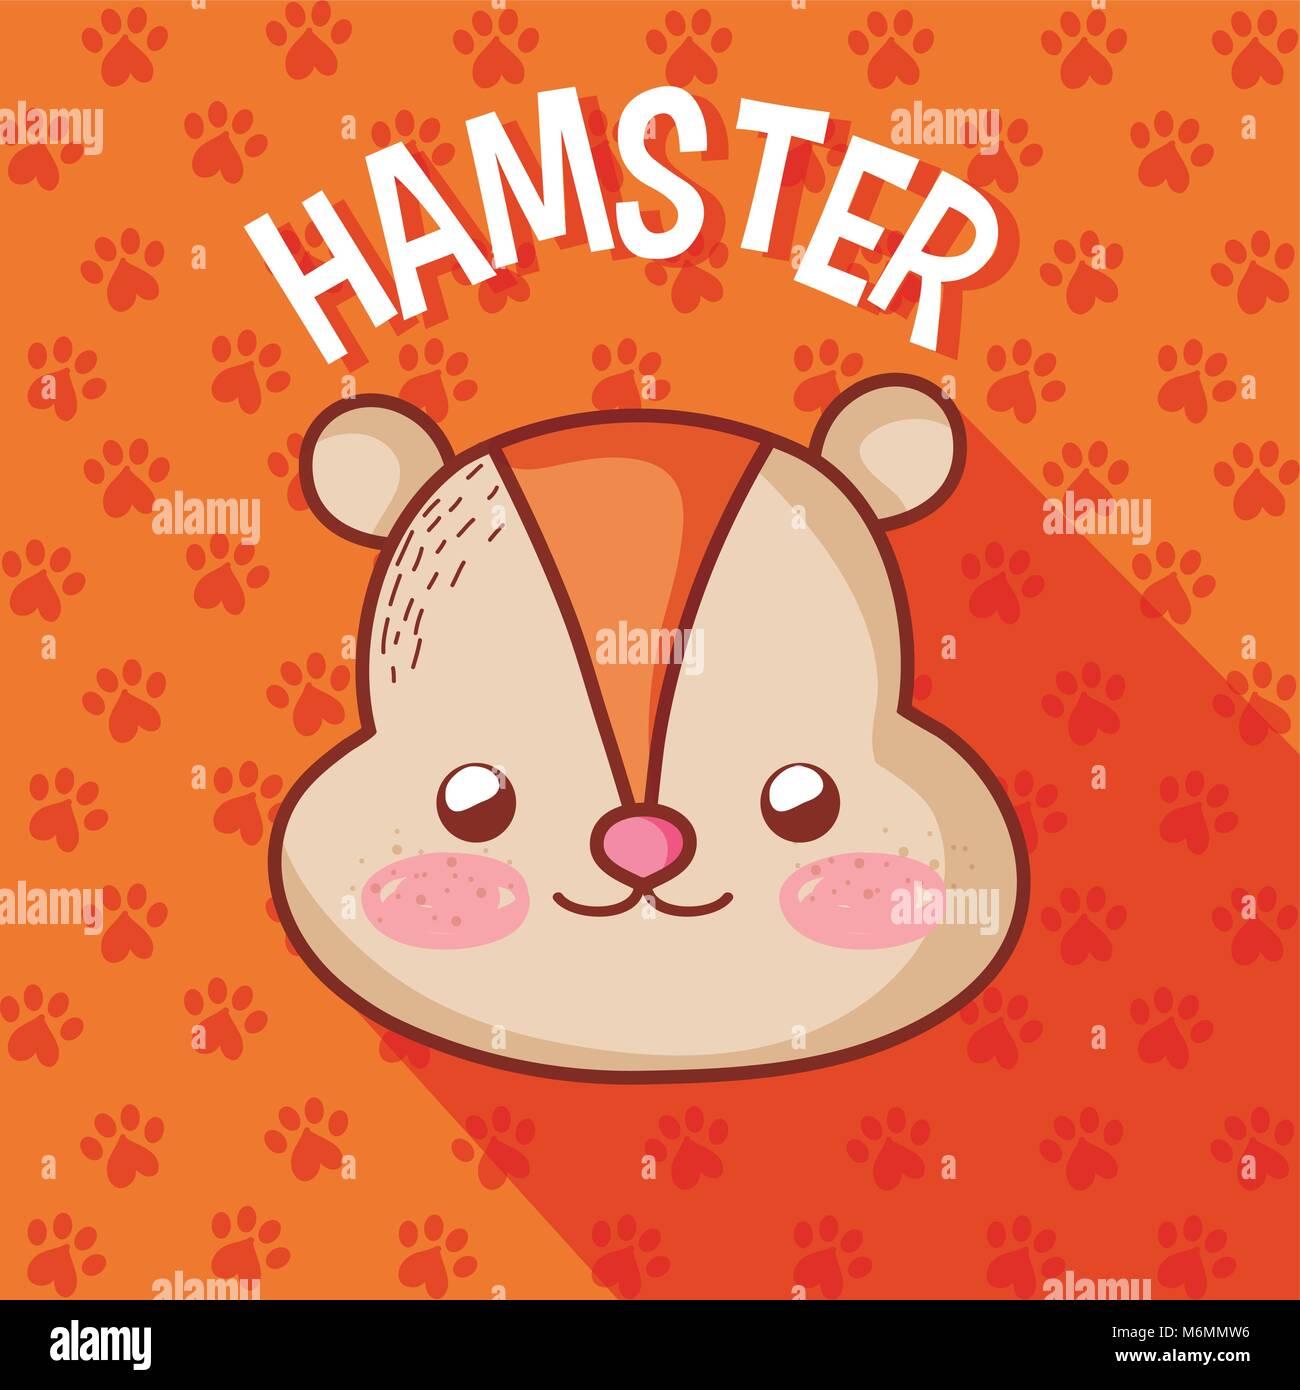 cute cartoon hamster stock photos cute cartoon hamster stock